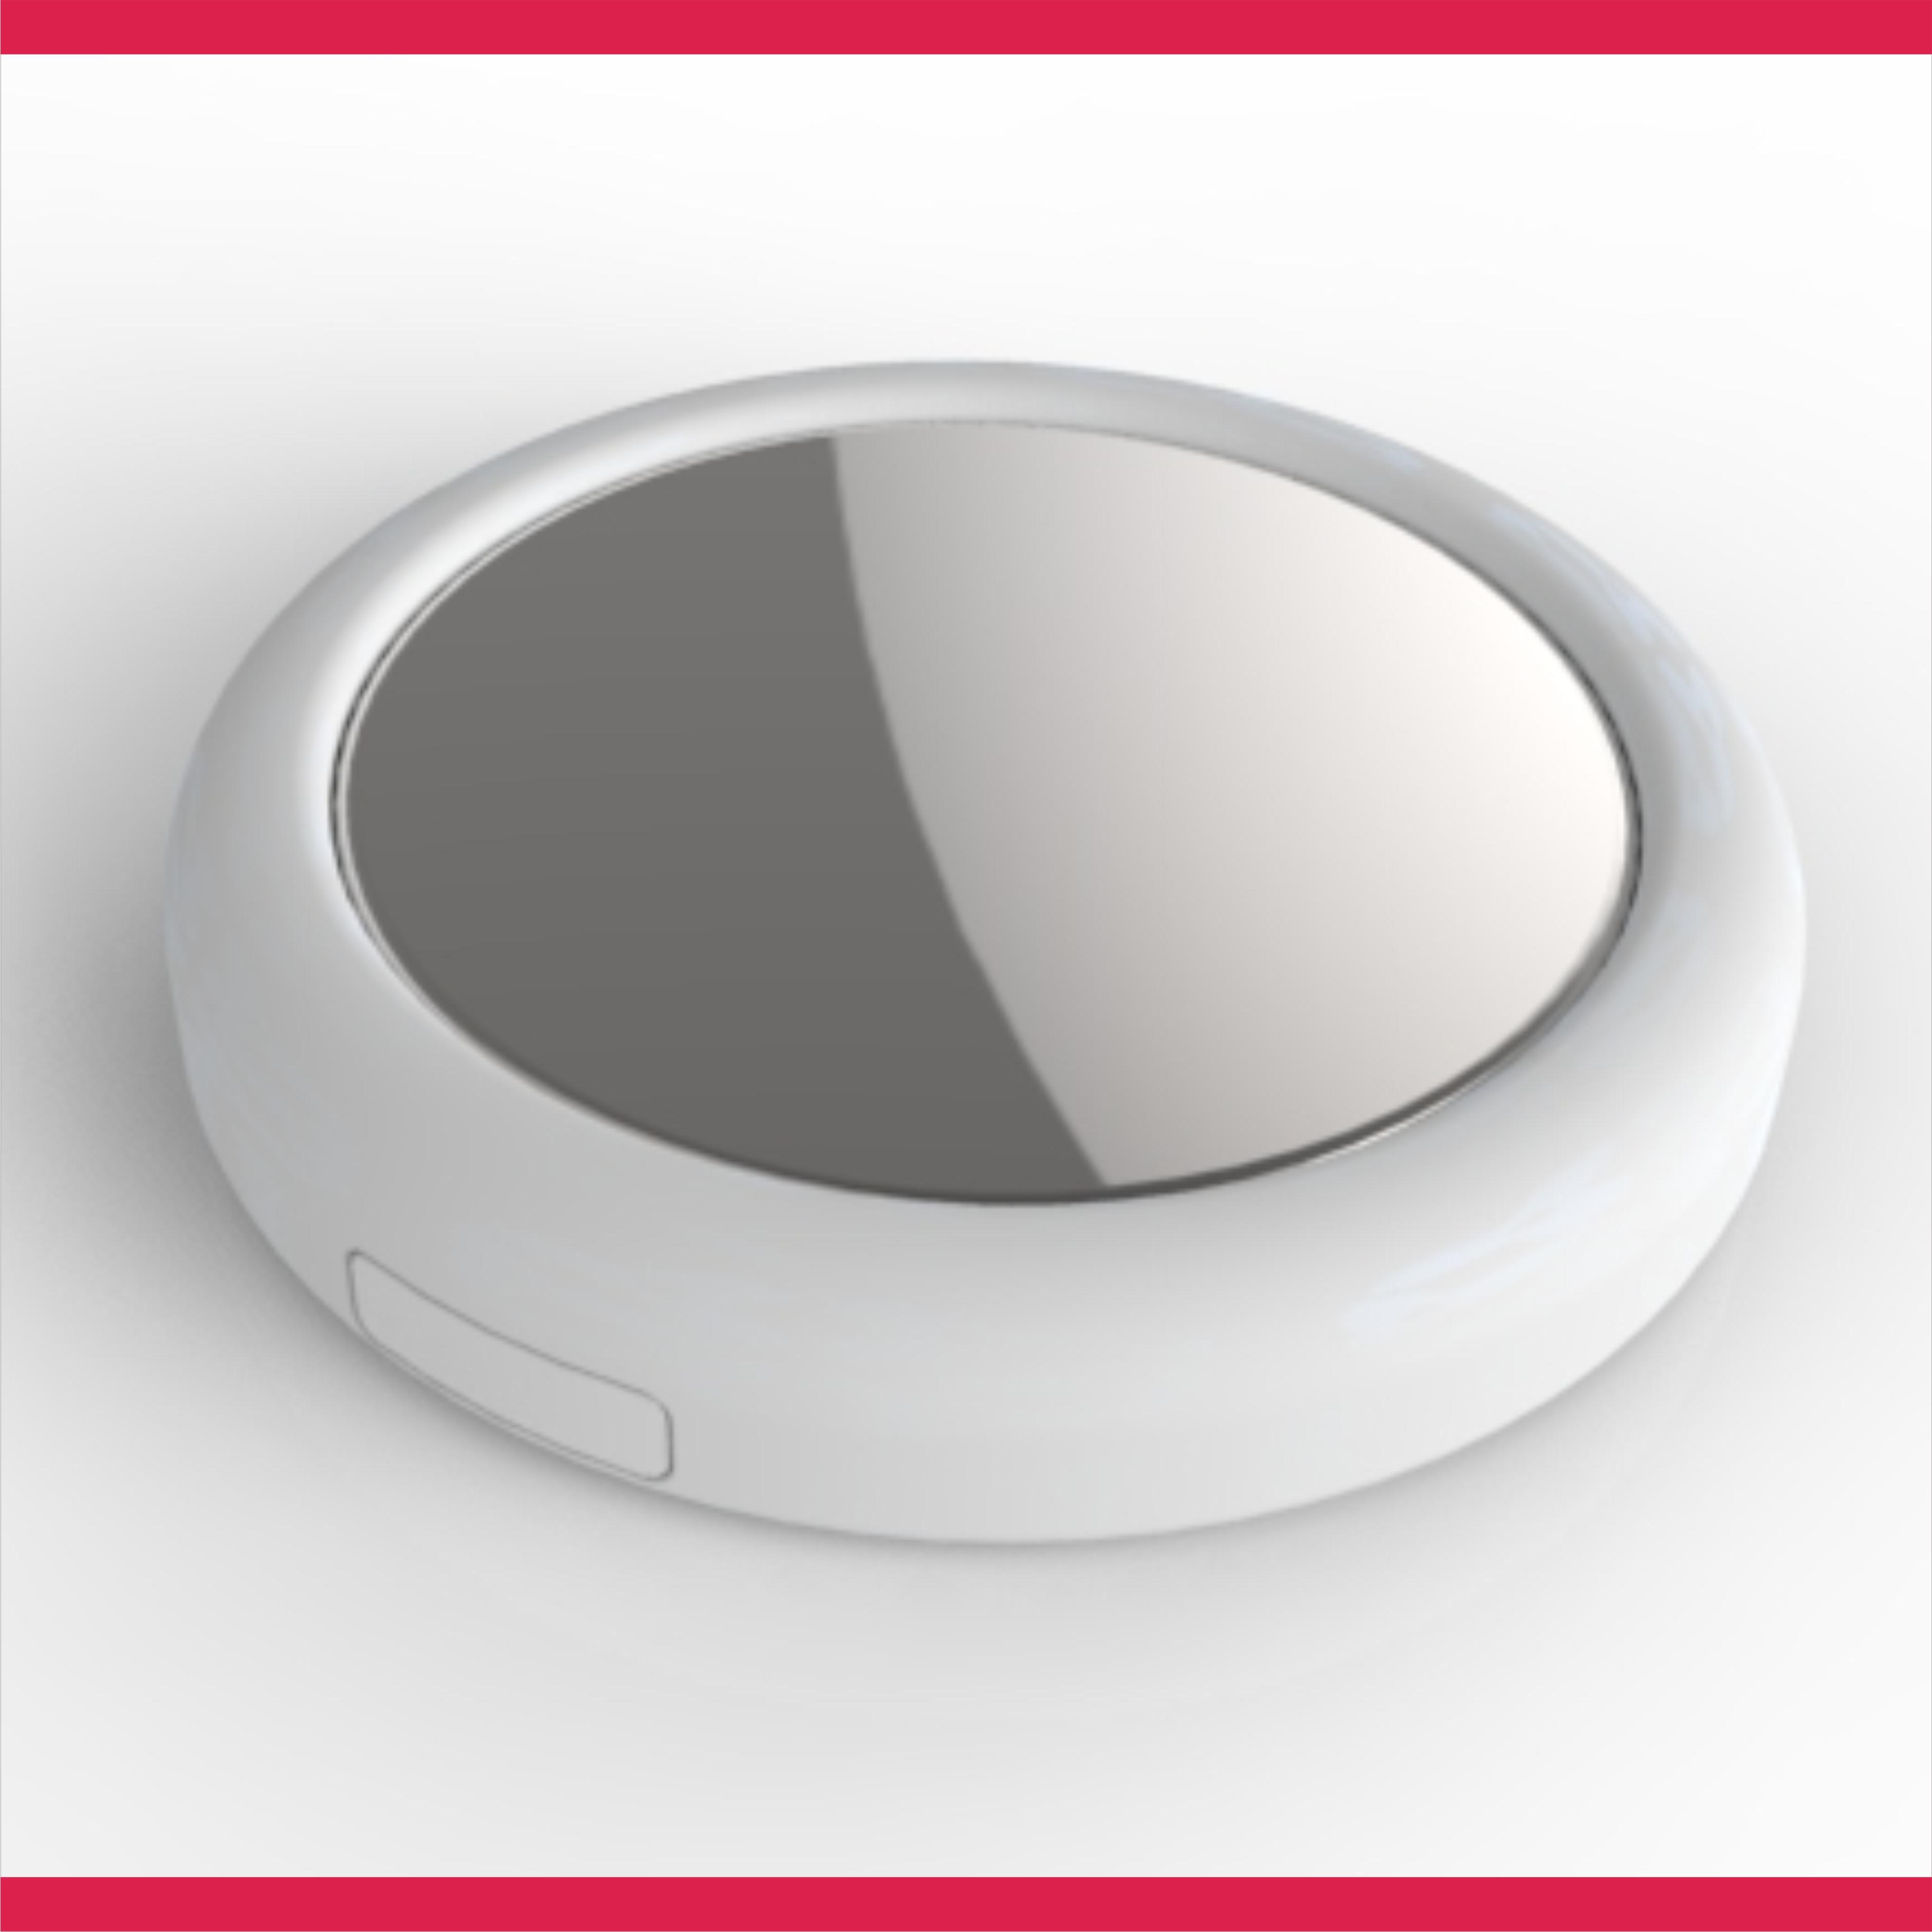 桌面暖杯器外观设计